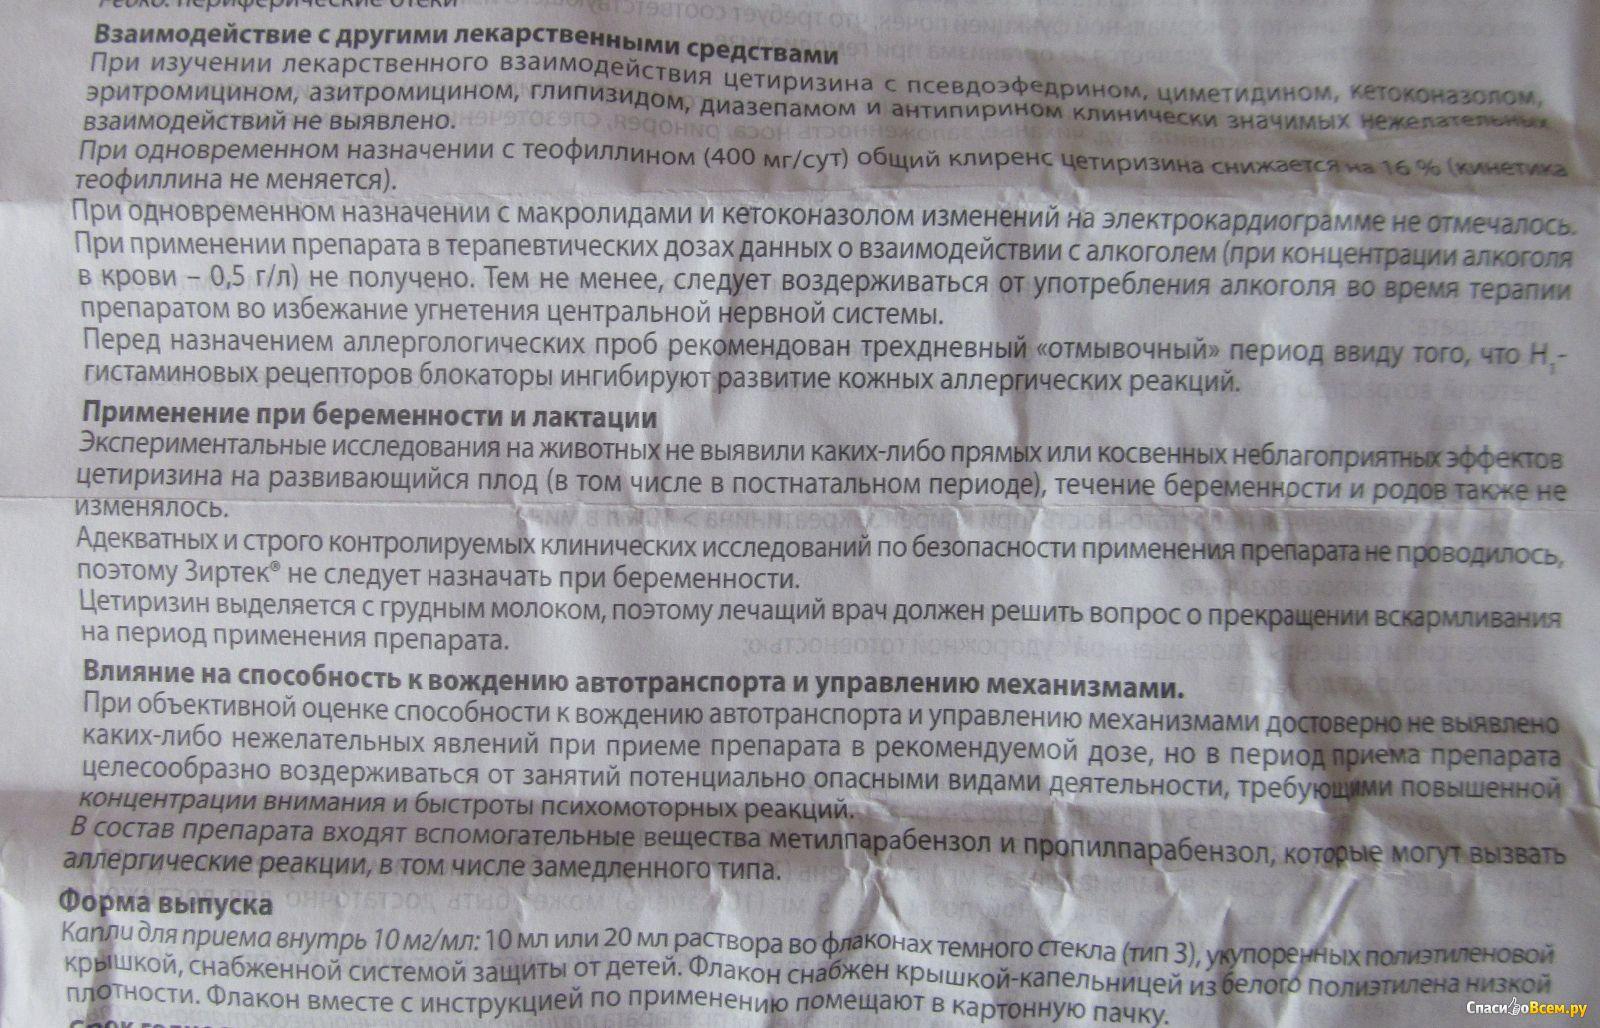 Зиртек инструкция по применению для беременных 1043